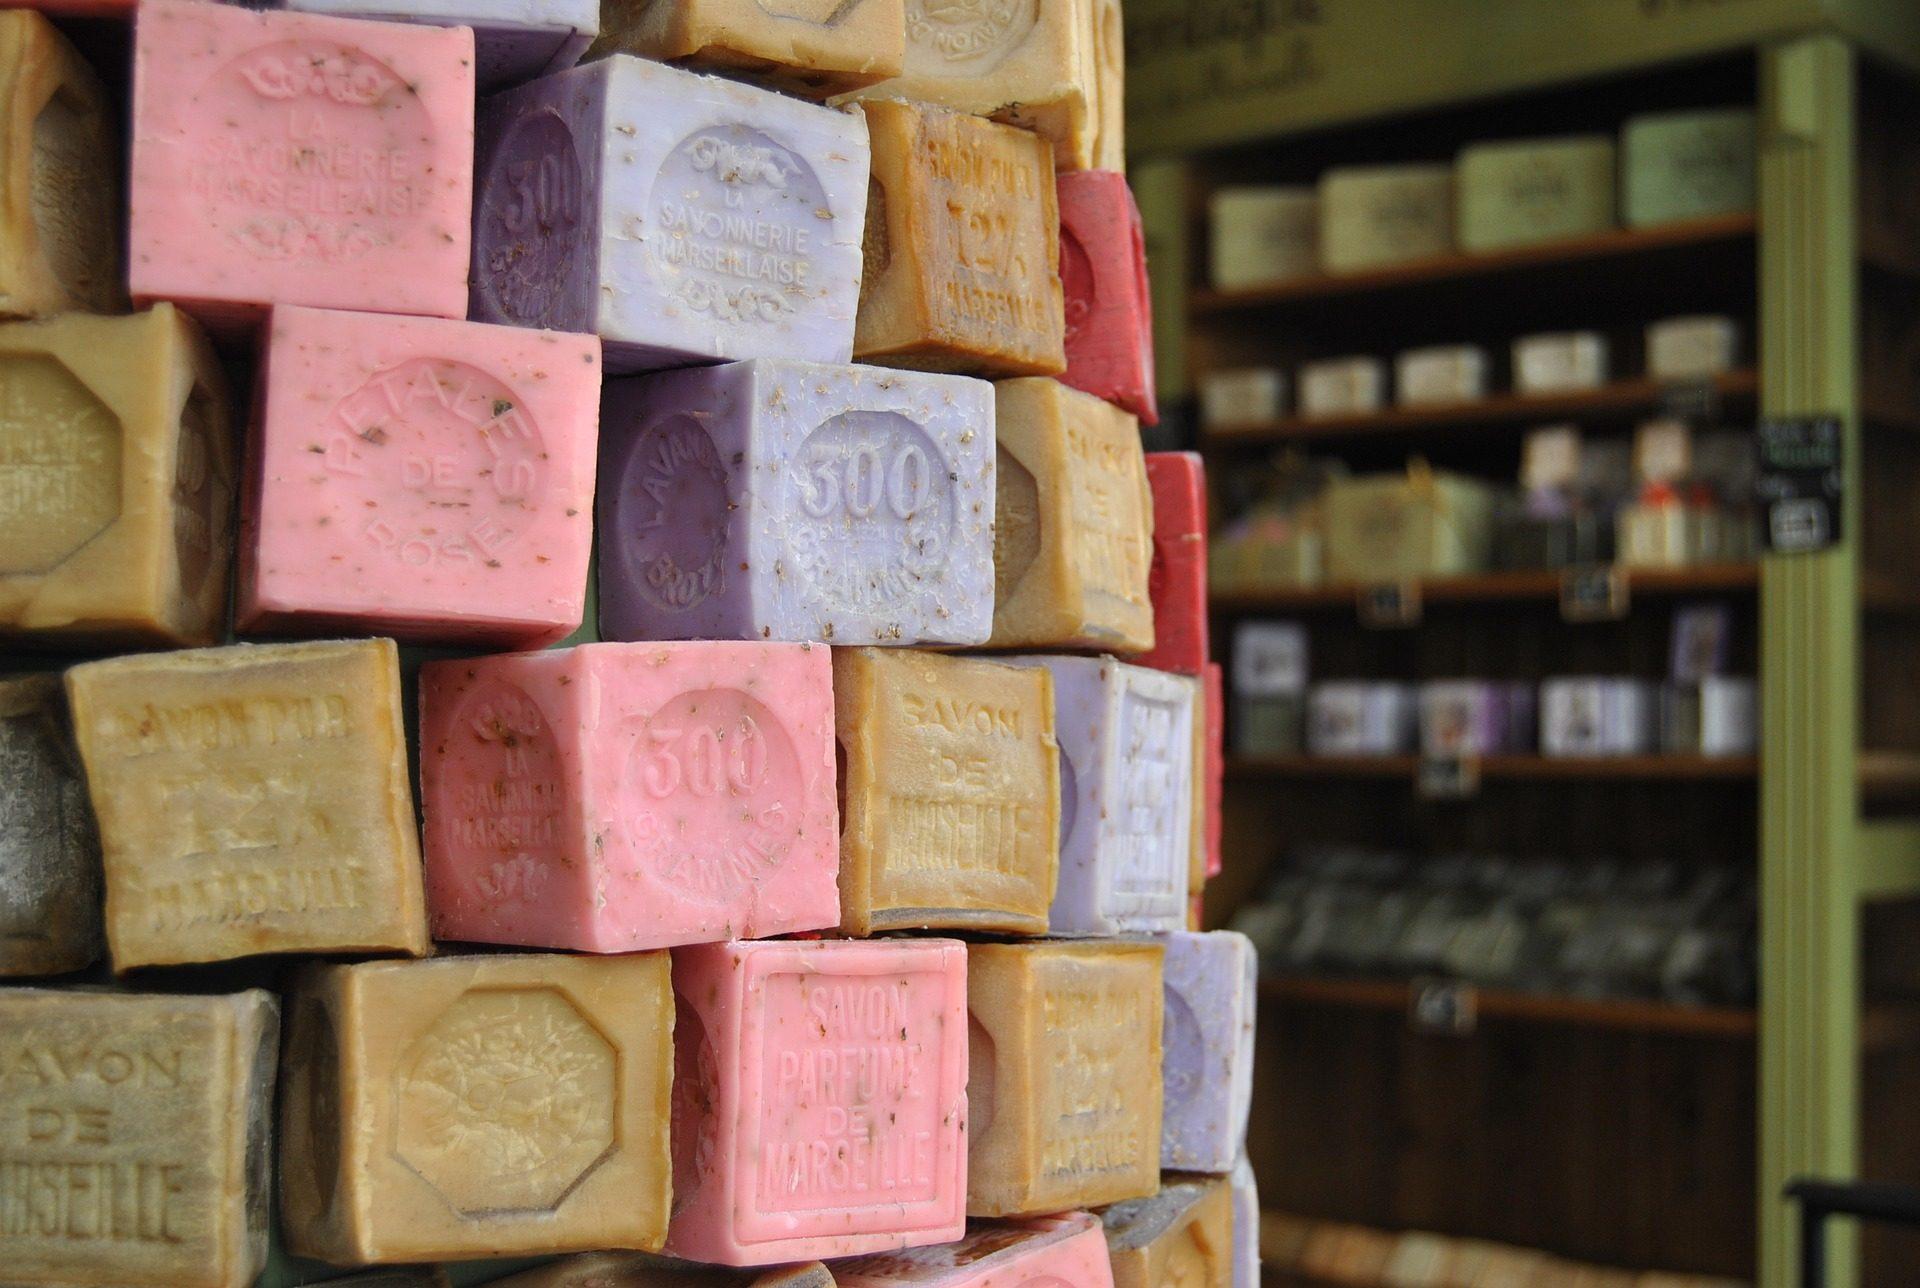 多维数据集, 颜色, 肥皂, 商店, 马赛 - 高清壁纸 - 教授-falken.com